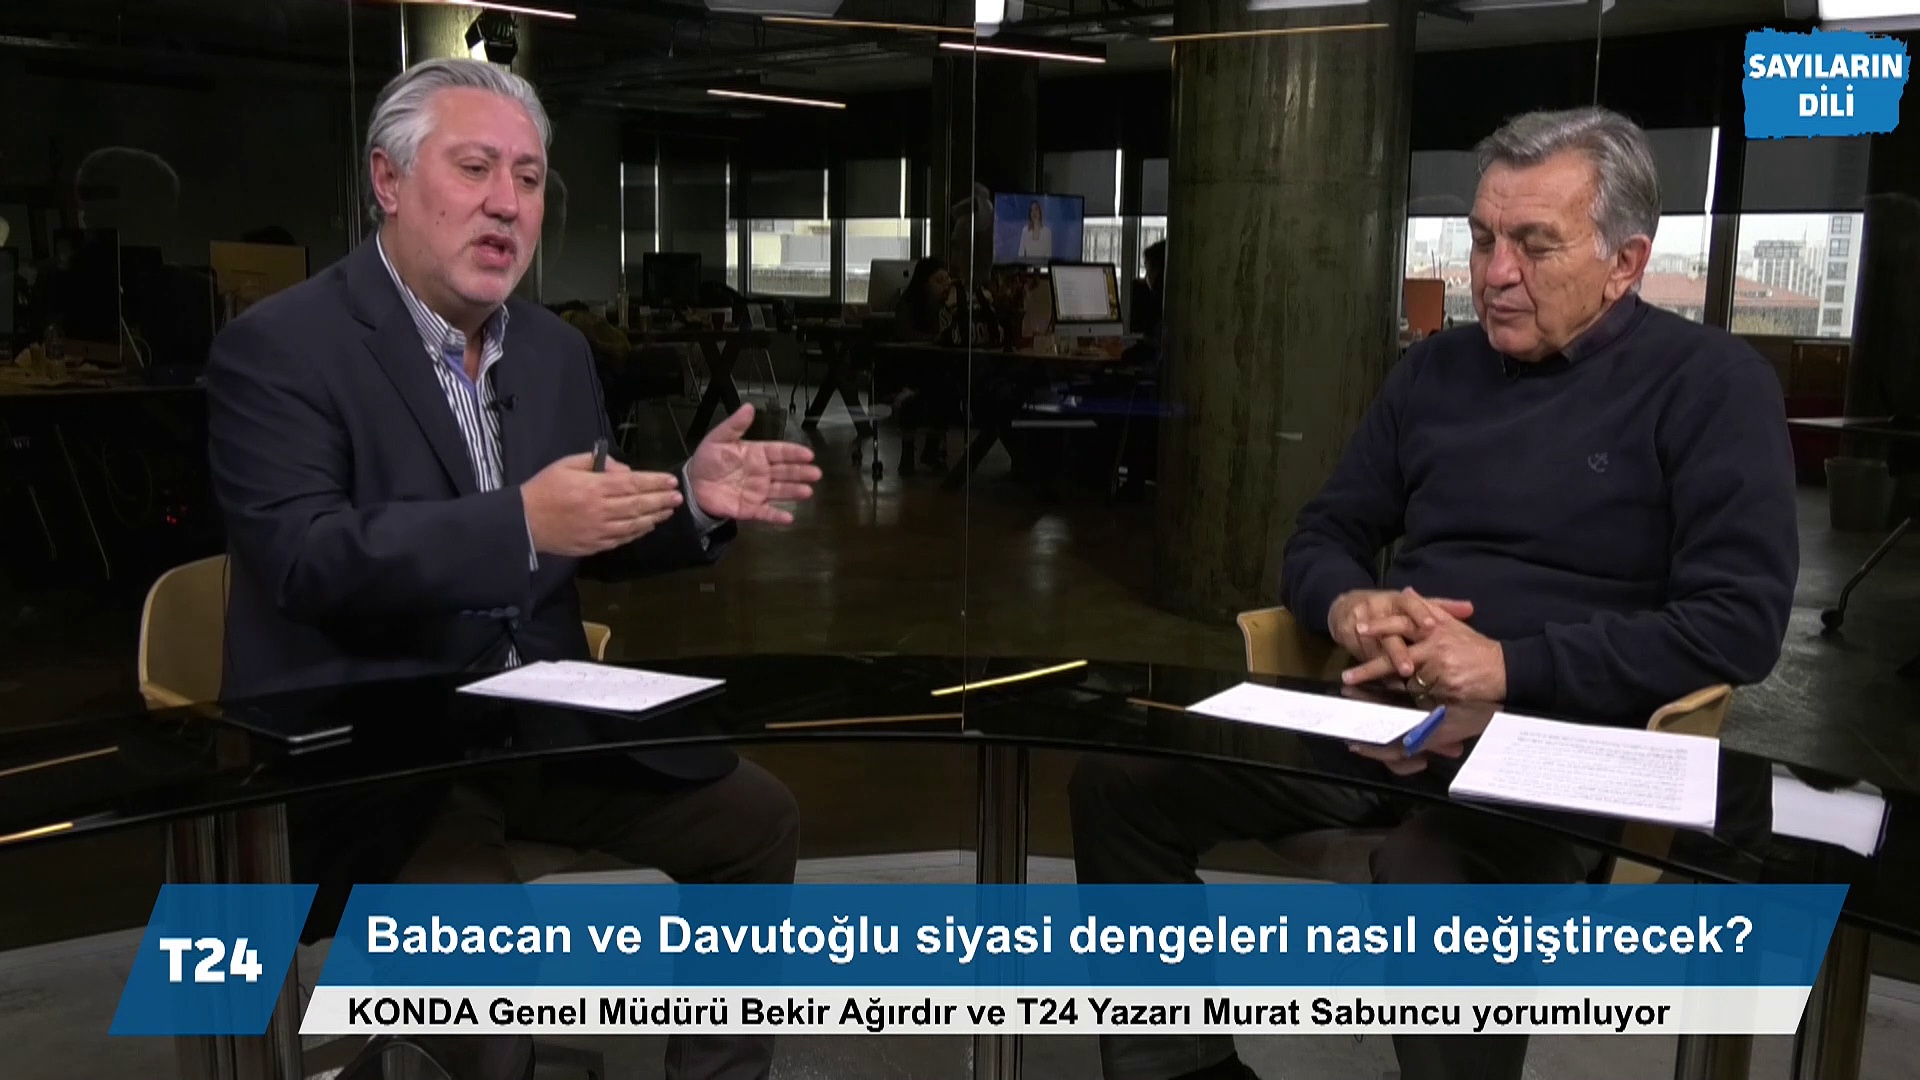 Bekir Ağırdır: Babacan ve Davutoğlu yarım puan da oy alsalar AK Parti'nin canını yakacak